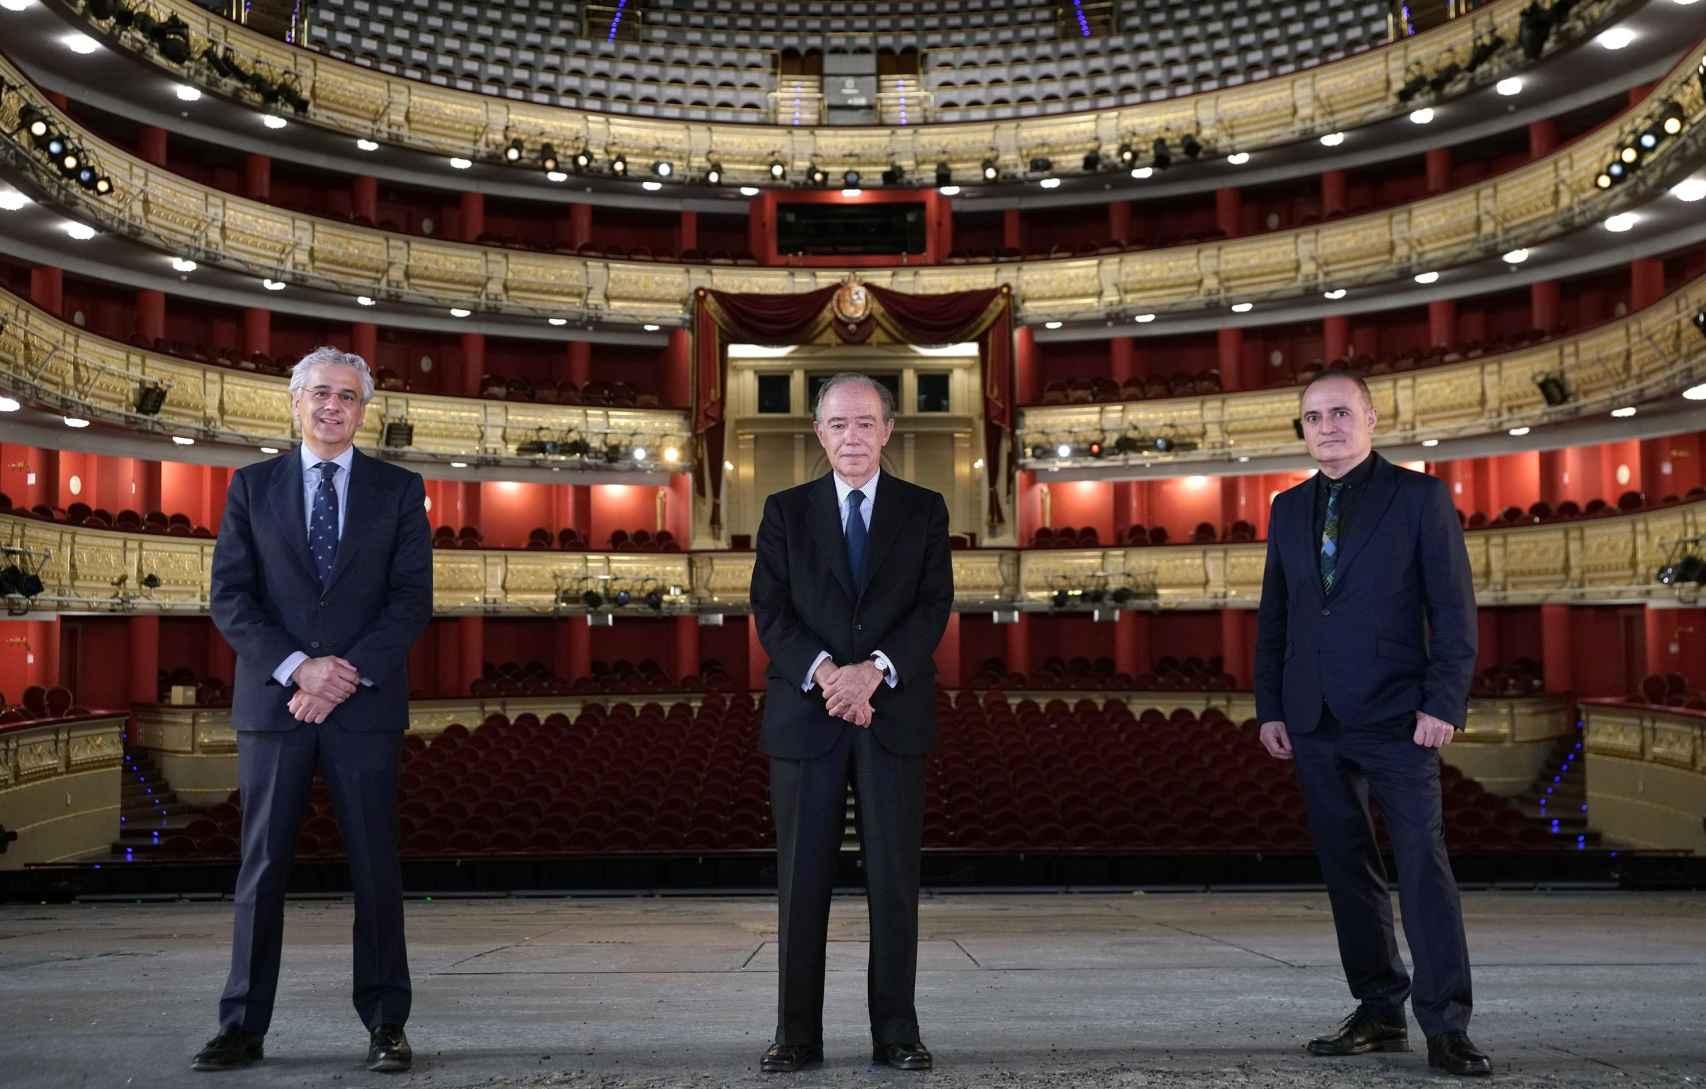 Joan Matabosch, director artístico; Gregorio Marañón, presidente, e Ignacio García-Belenguer, director general.